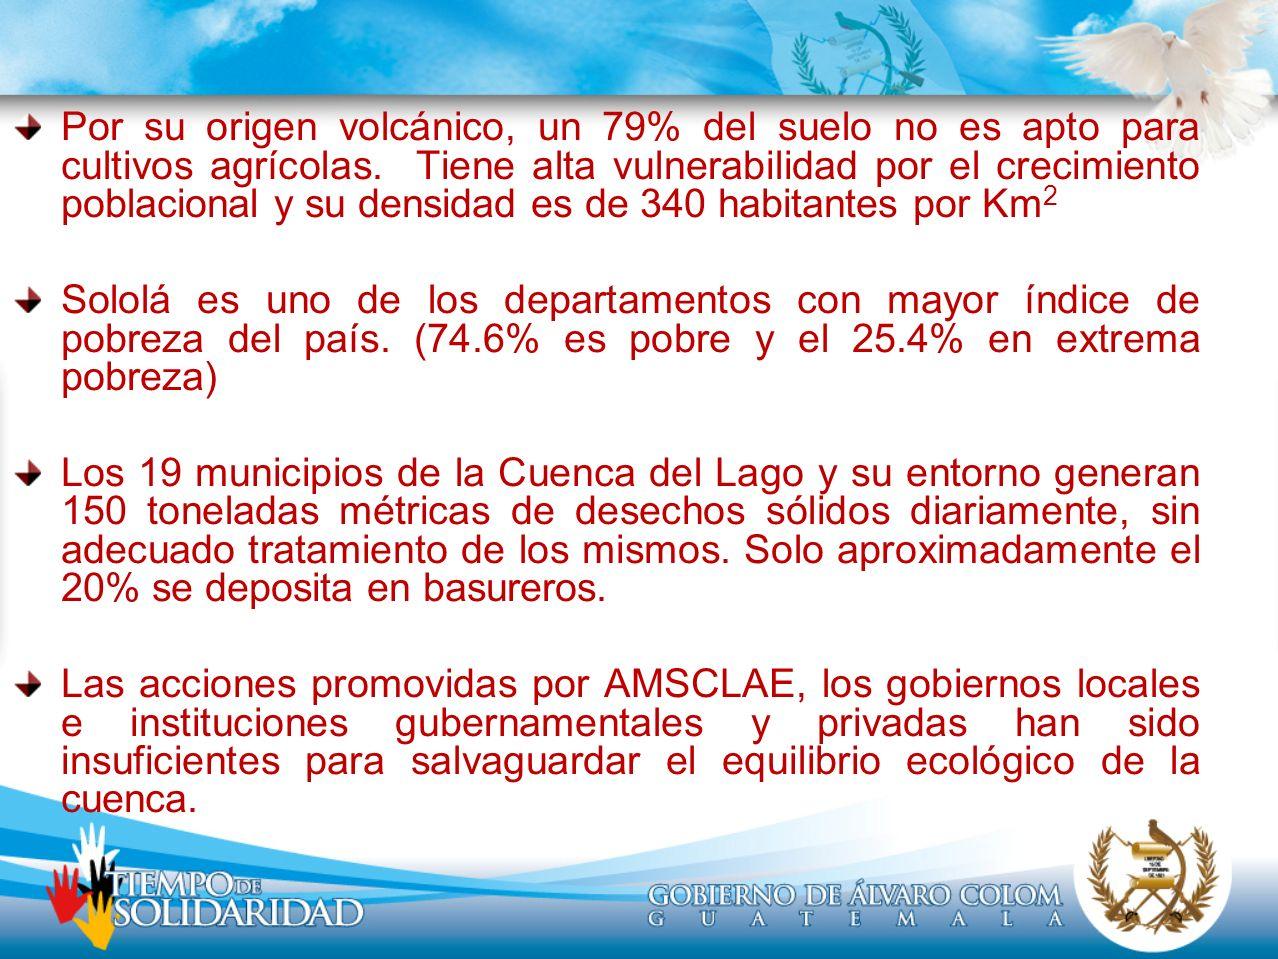 Situación del Lago de Atitlán De Diciembre 2008 a la Fecha En diciembre de 2008, se detectó un florecimiento de 1.2% de Cianobacteria en la superficie del lago, aspecto que alertó y generó la necesidad de realizar un estudio para conocer su comportamiento y su relación con la temperatura, calidad del agua y niveles de incremento de algas, entre otros.